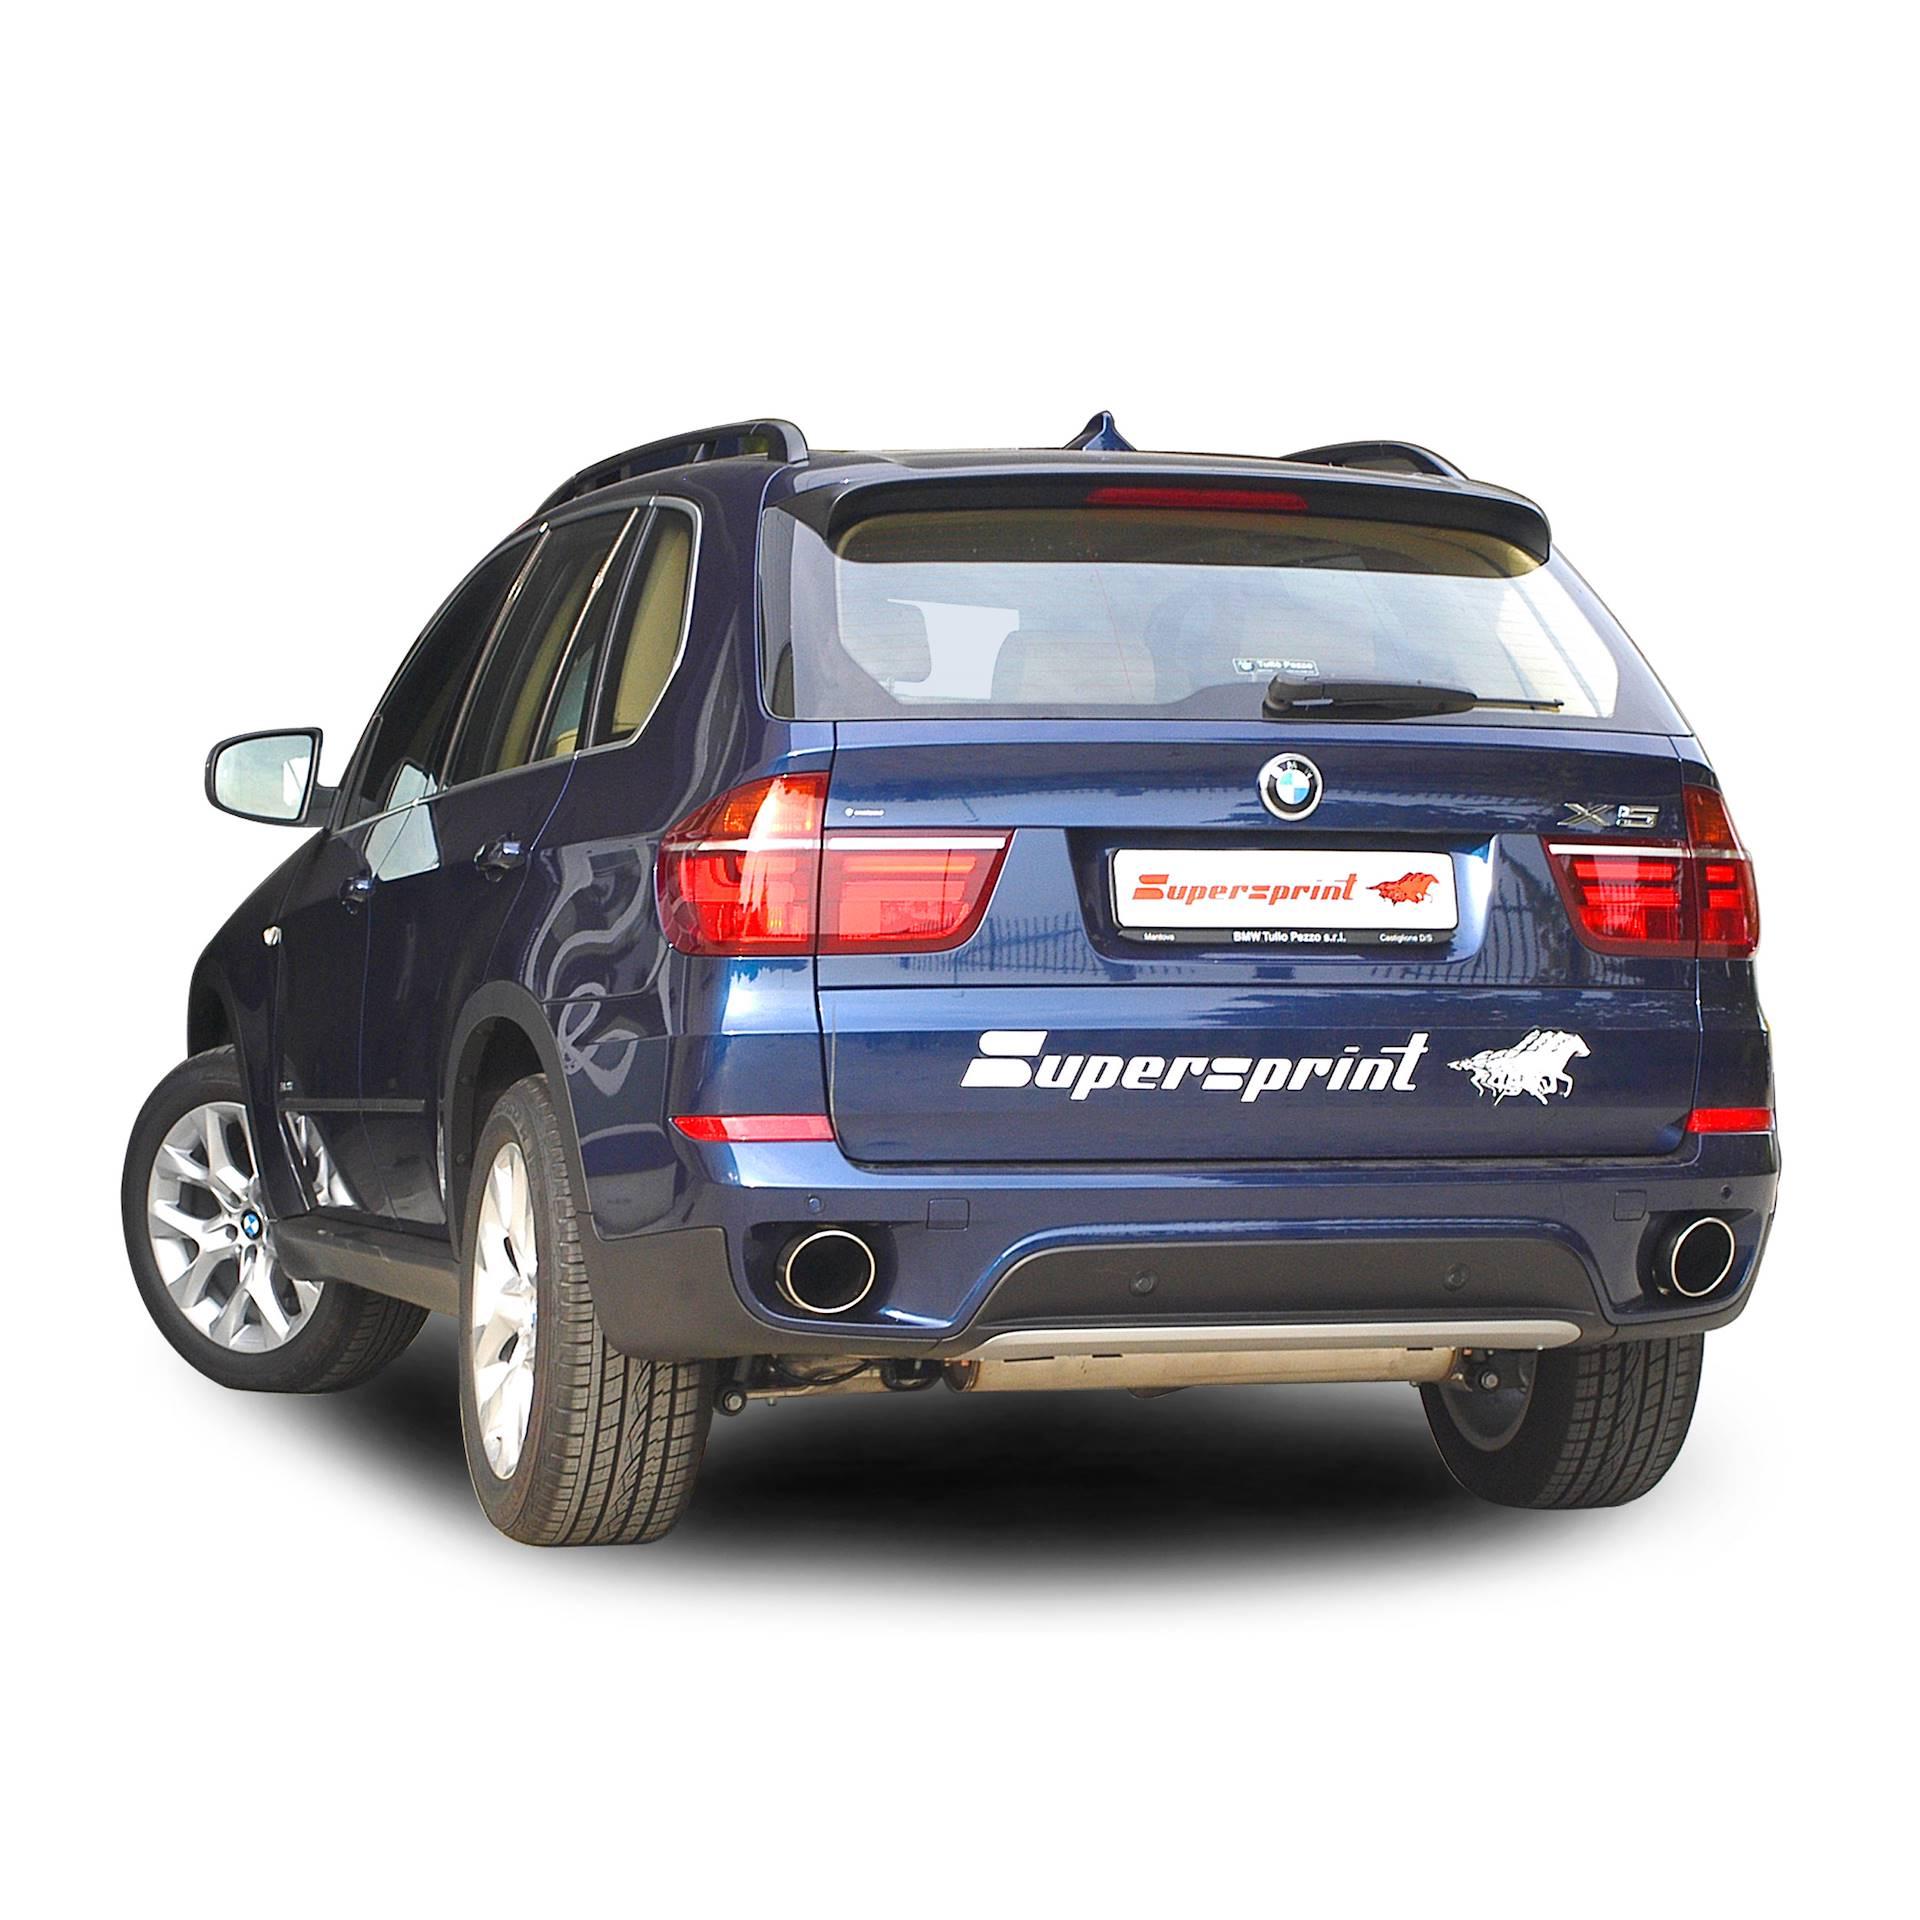 Bmw X5: BMW E70 X5 LCI 30dX 2009 -> 2013, BMW, Exhaust Systems